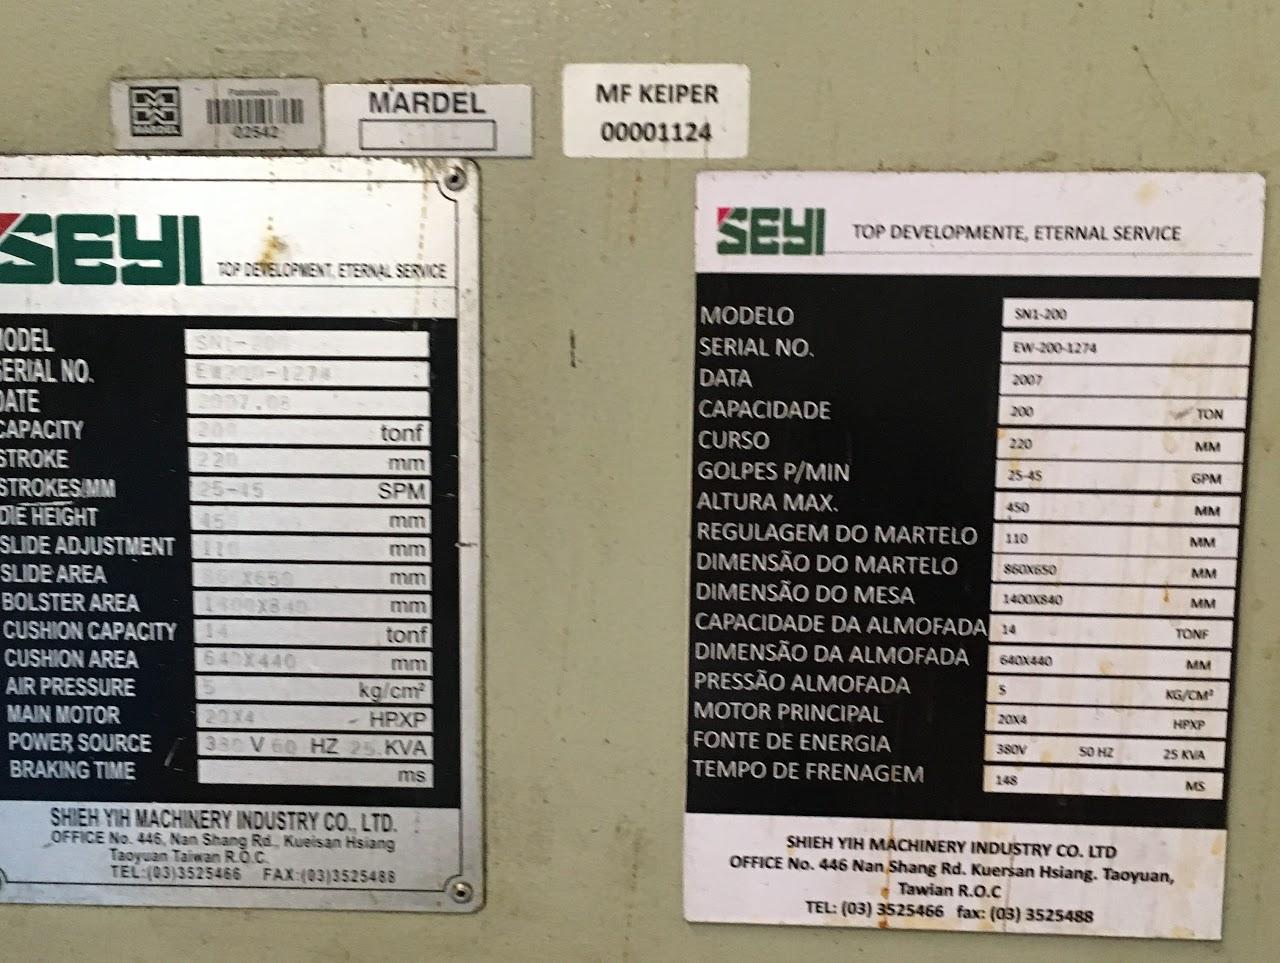 Prensa Manual Marca Seyi 200 ton #1124  - AEG Comercial